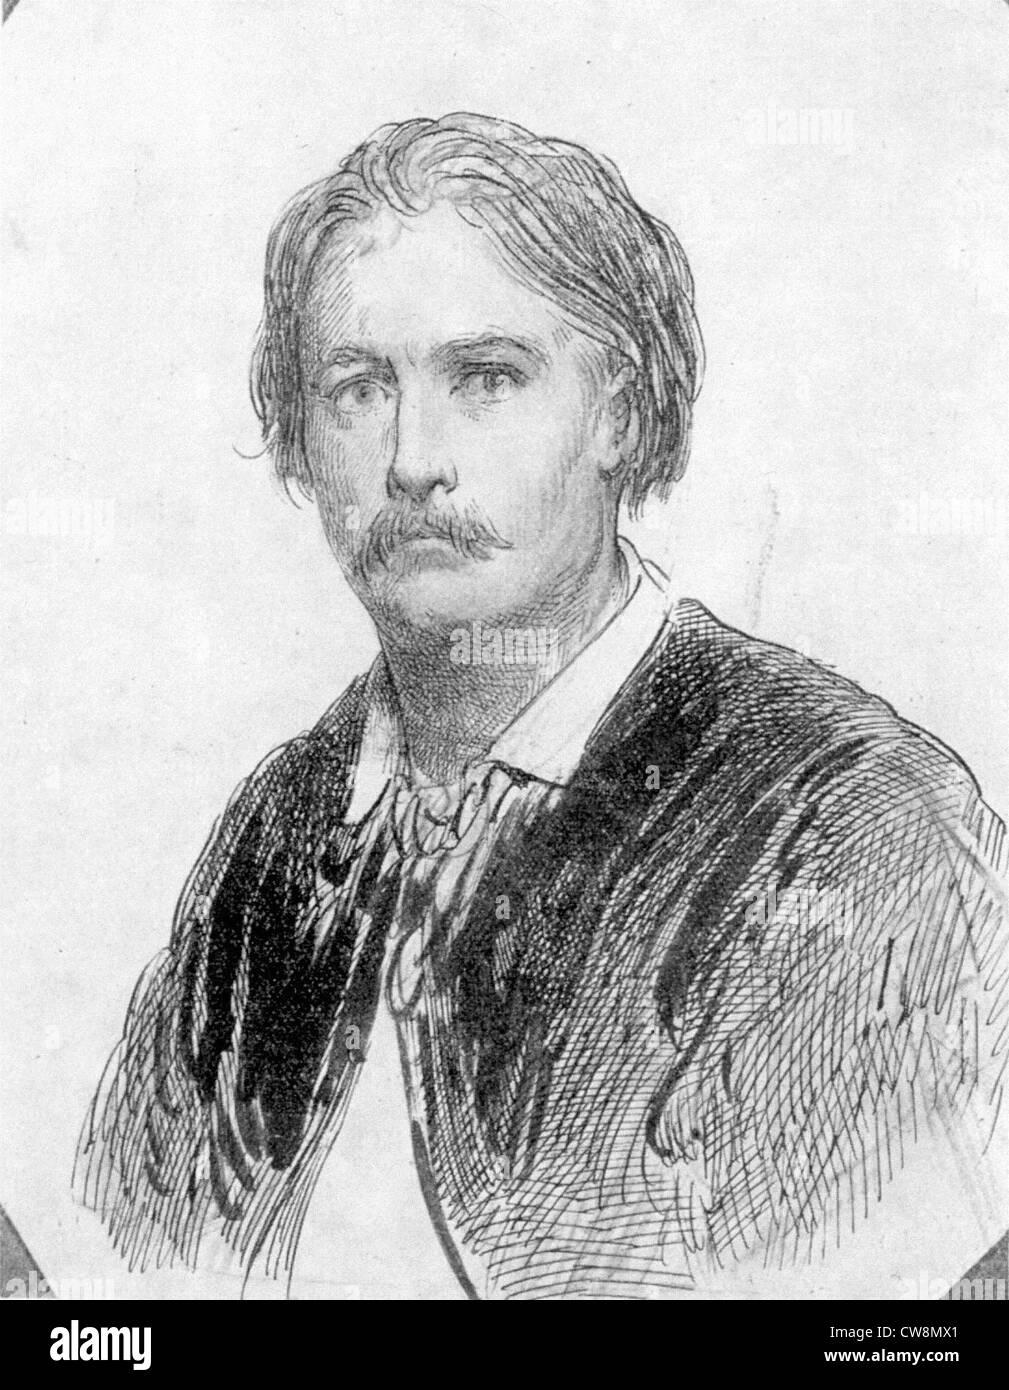 Gustave Doré, Porträts Stockbild